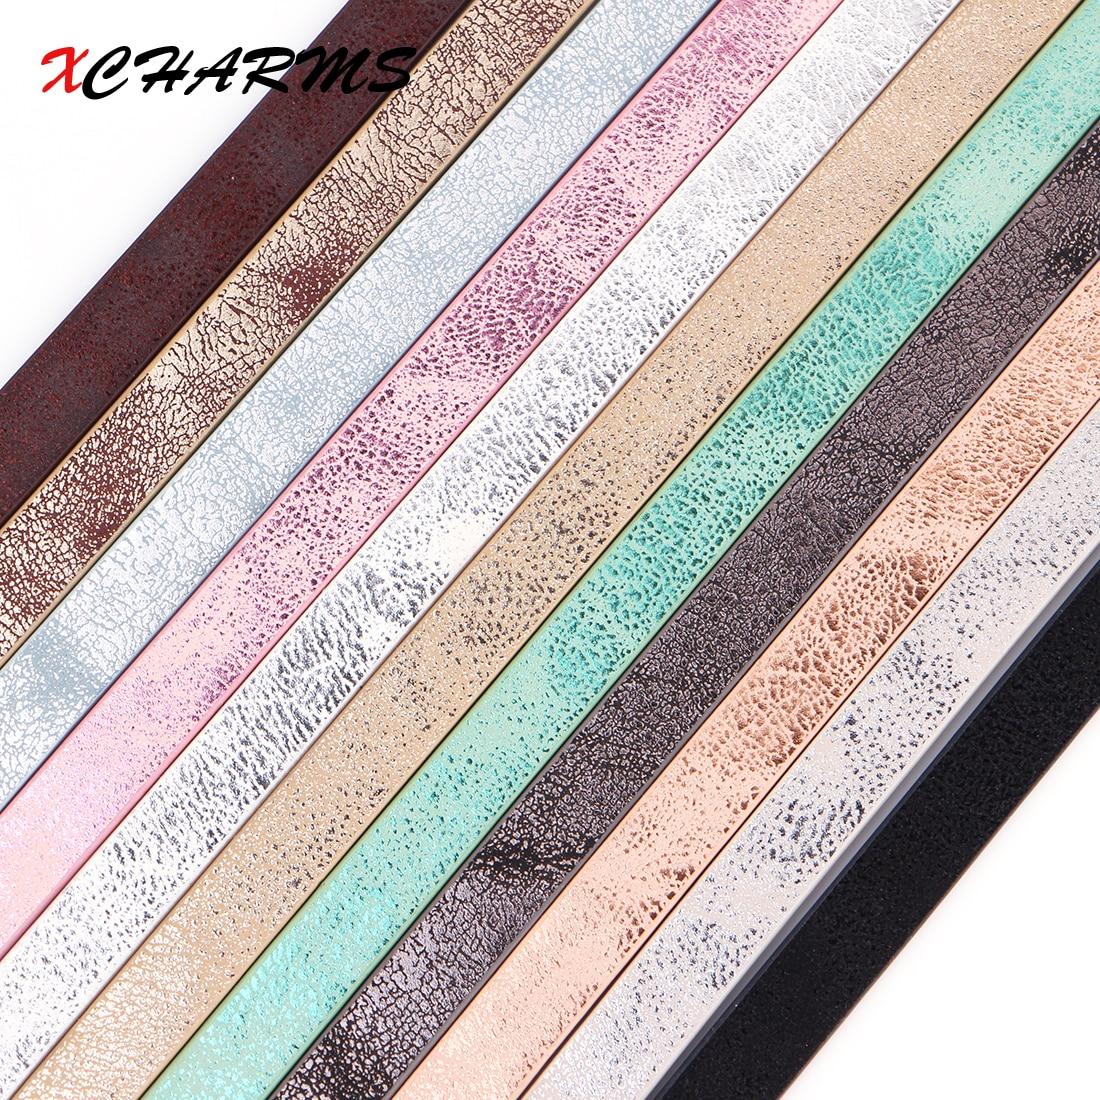 Плоский шнур XCHARMS 10 мм из искусственной кожи, веревка ручной работы для самостоятельного изготовления ювелирных изделий, аксессуары, модные аксессуары для ювелирных изделий, материал для браслетов